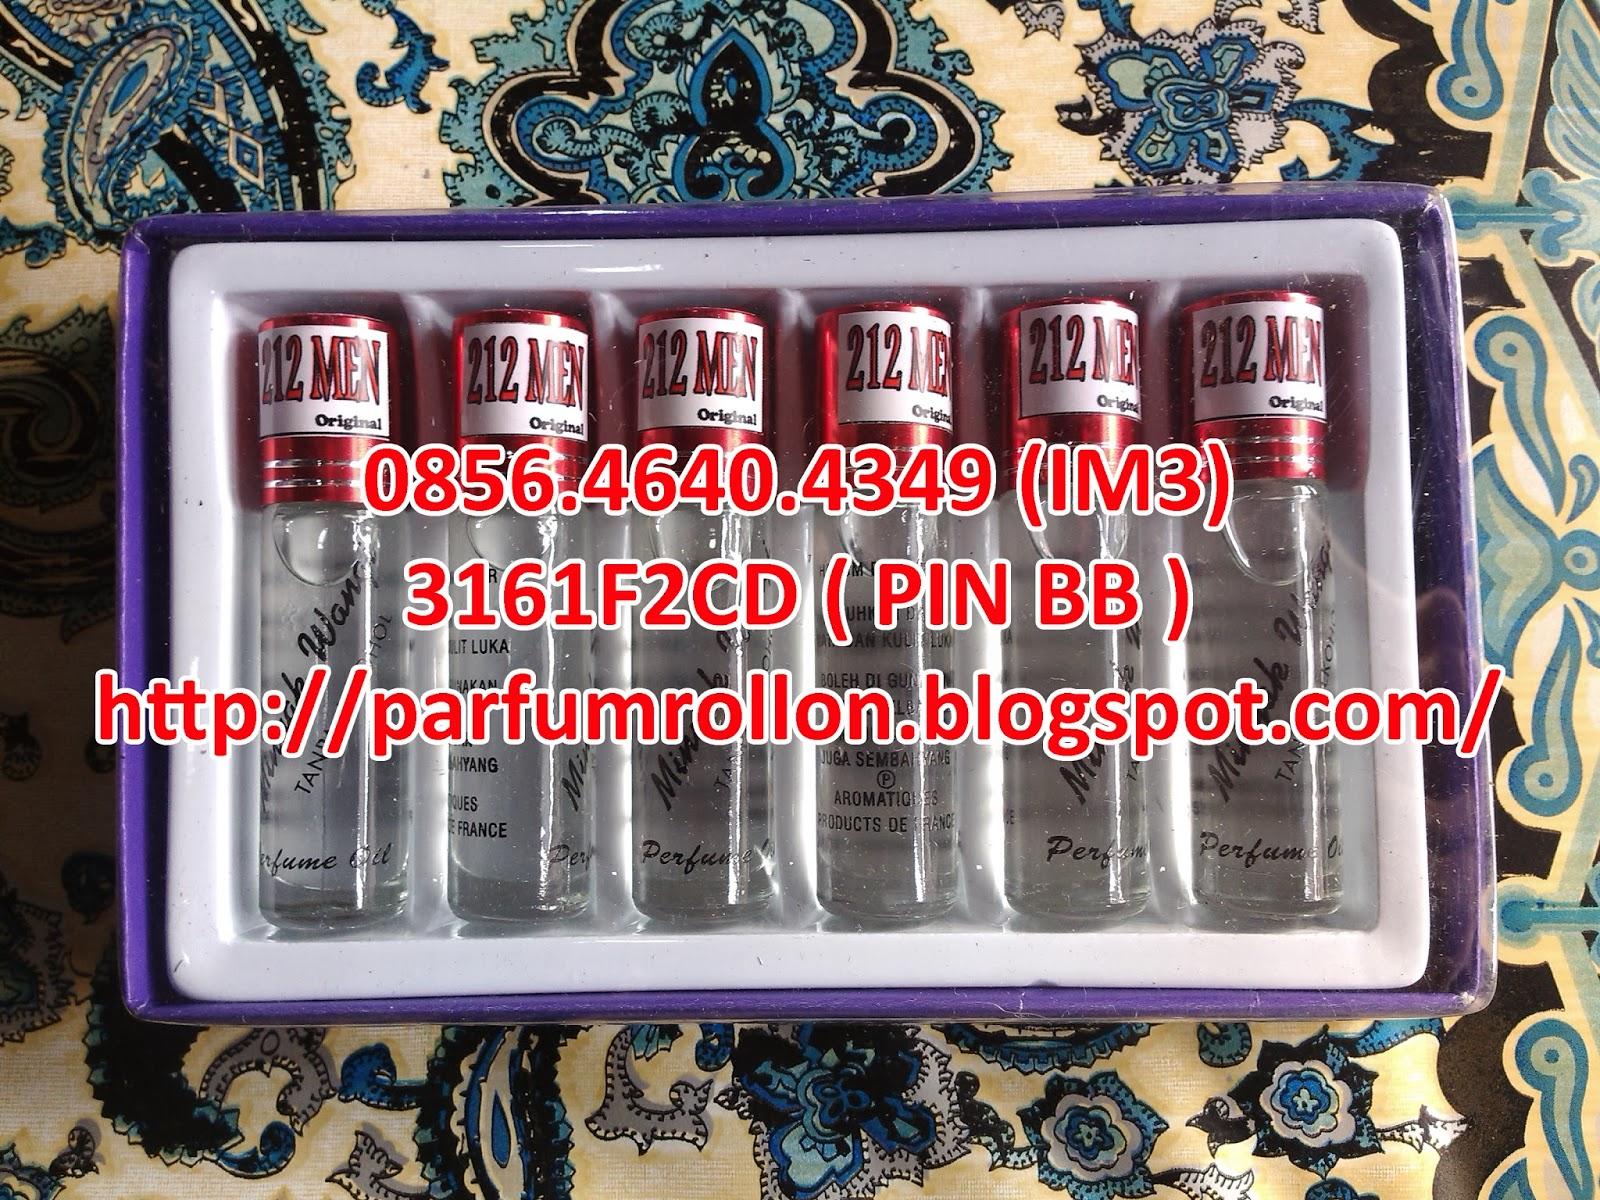 parfum online indonesia, toko parfum online indonesia, parfum online di Indonesia, 0856.4640.4349